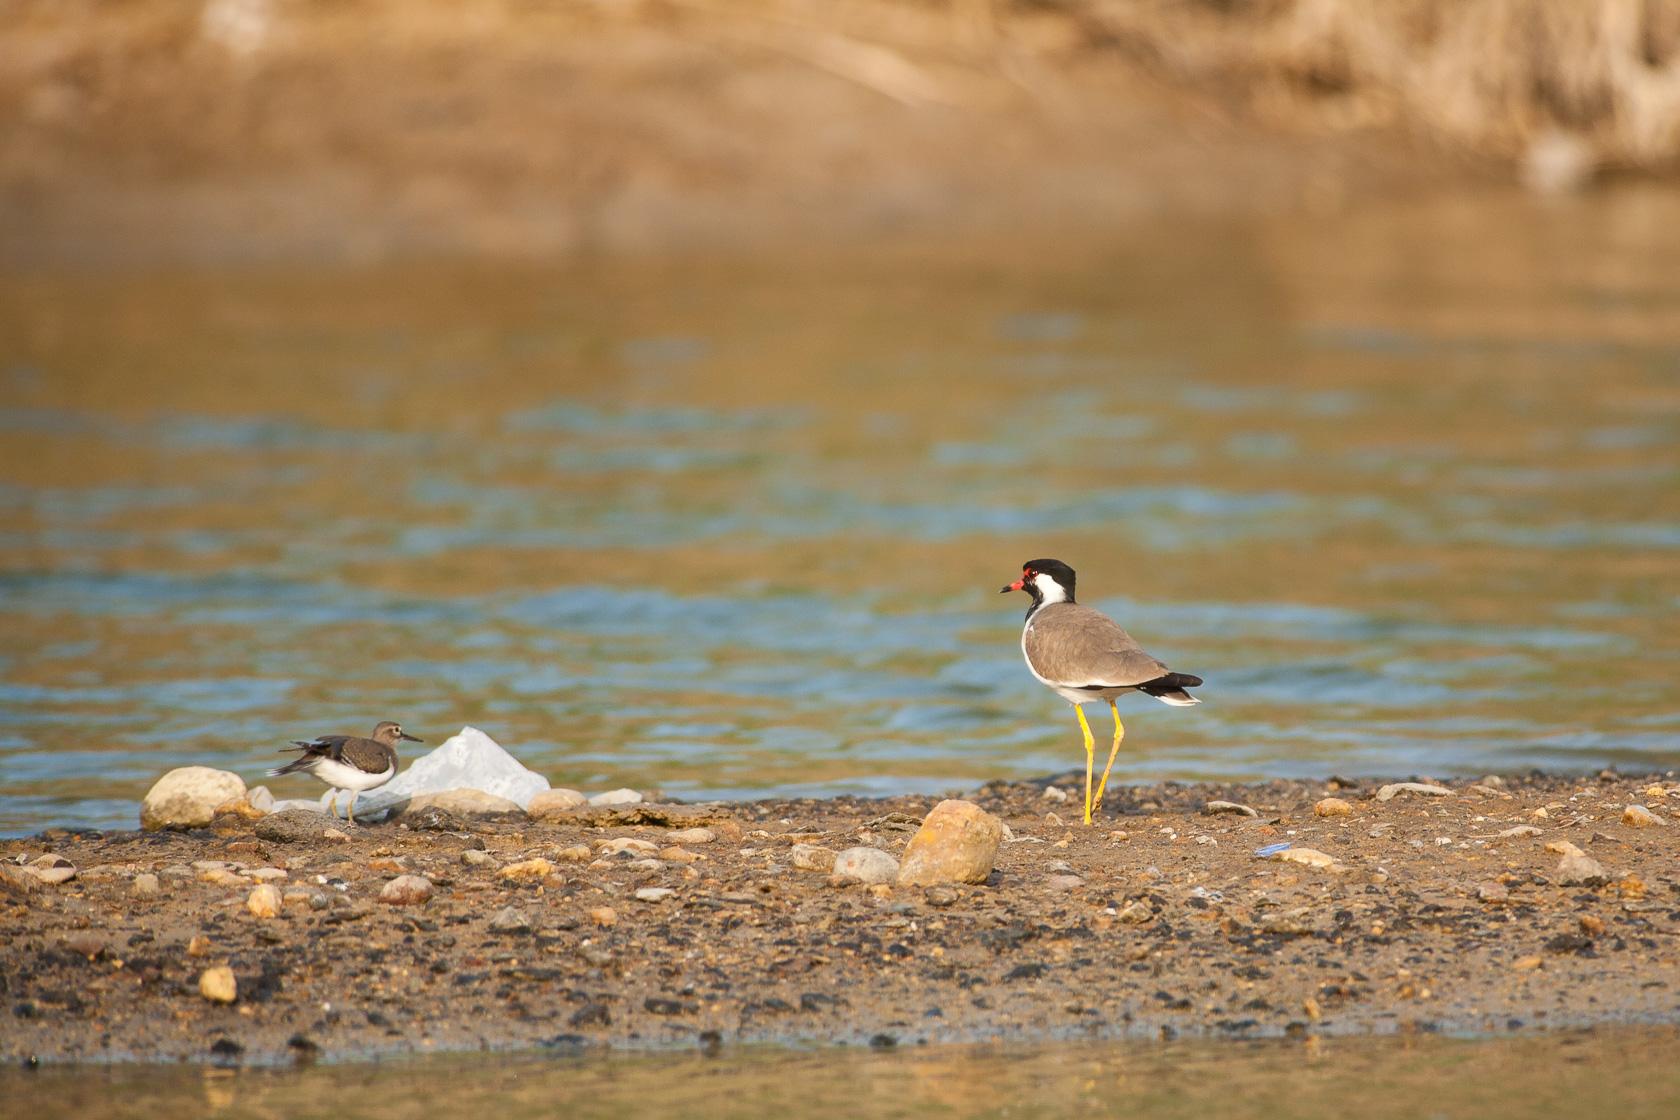 Vanneau indien (Vanellus indicus) dans le nord d'Oman